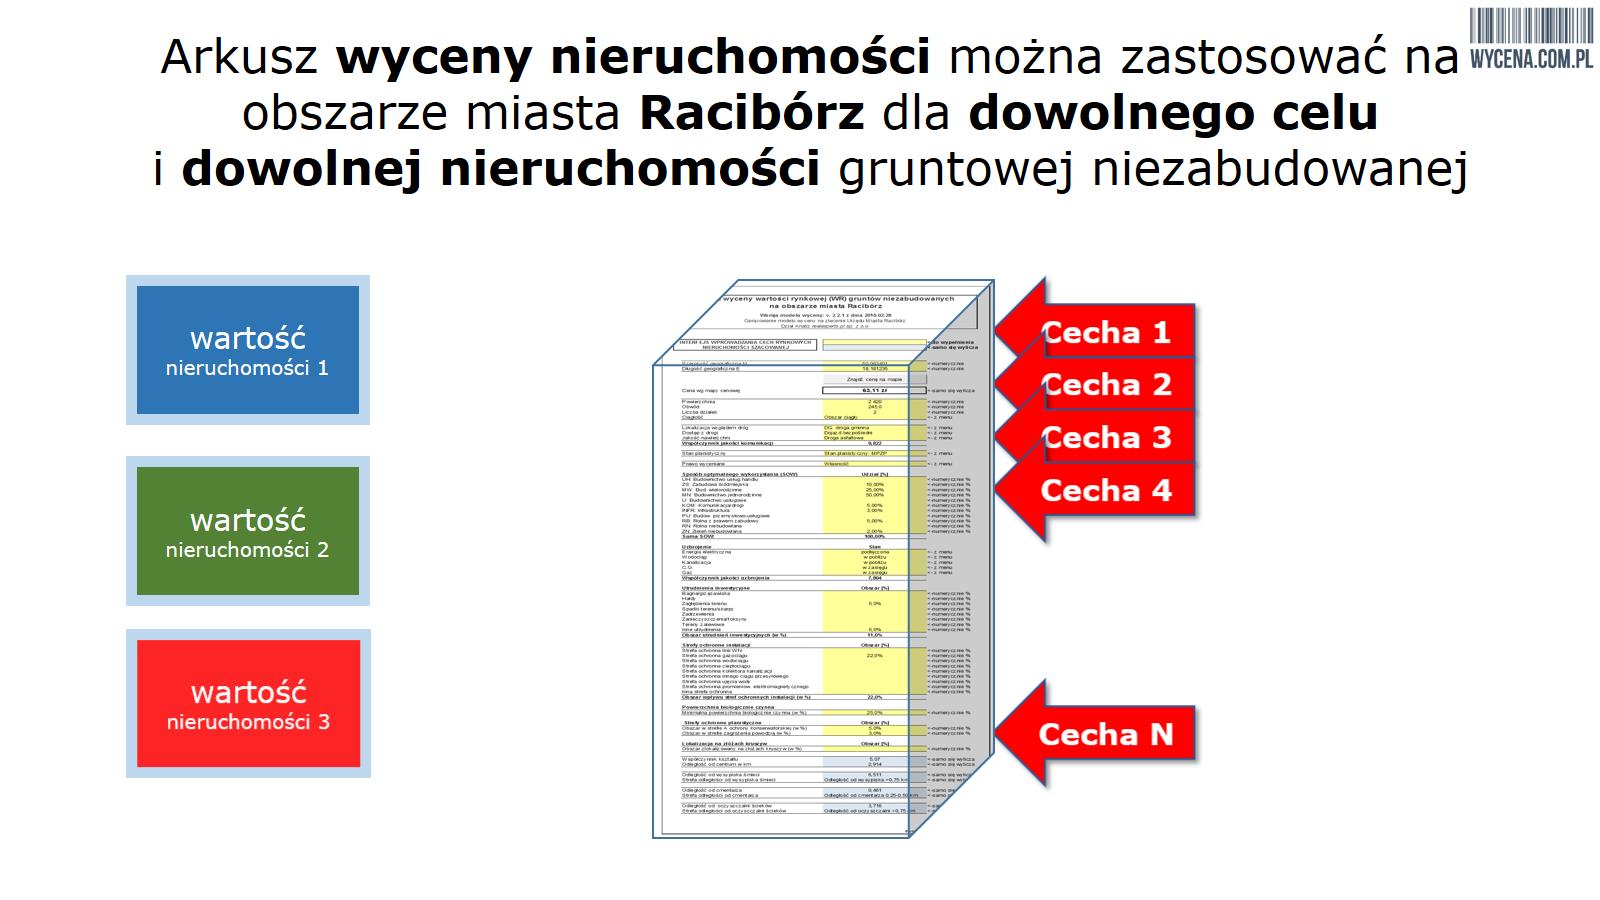 Prezentacja obsługi arkusza wyceny wartości rynkowej gruntów niezabudowanych opracowanego na zlecenie gminy Racibórz